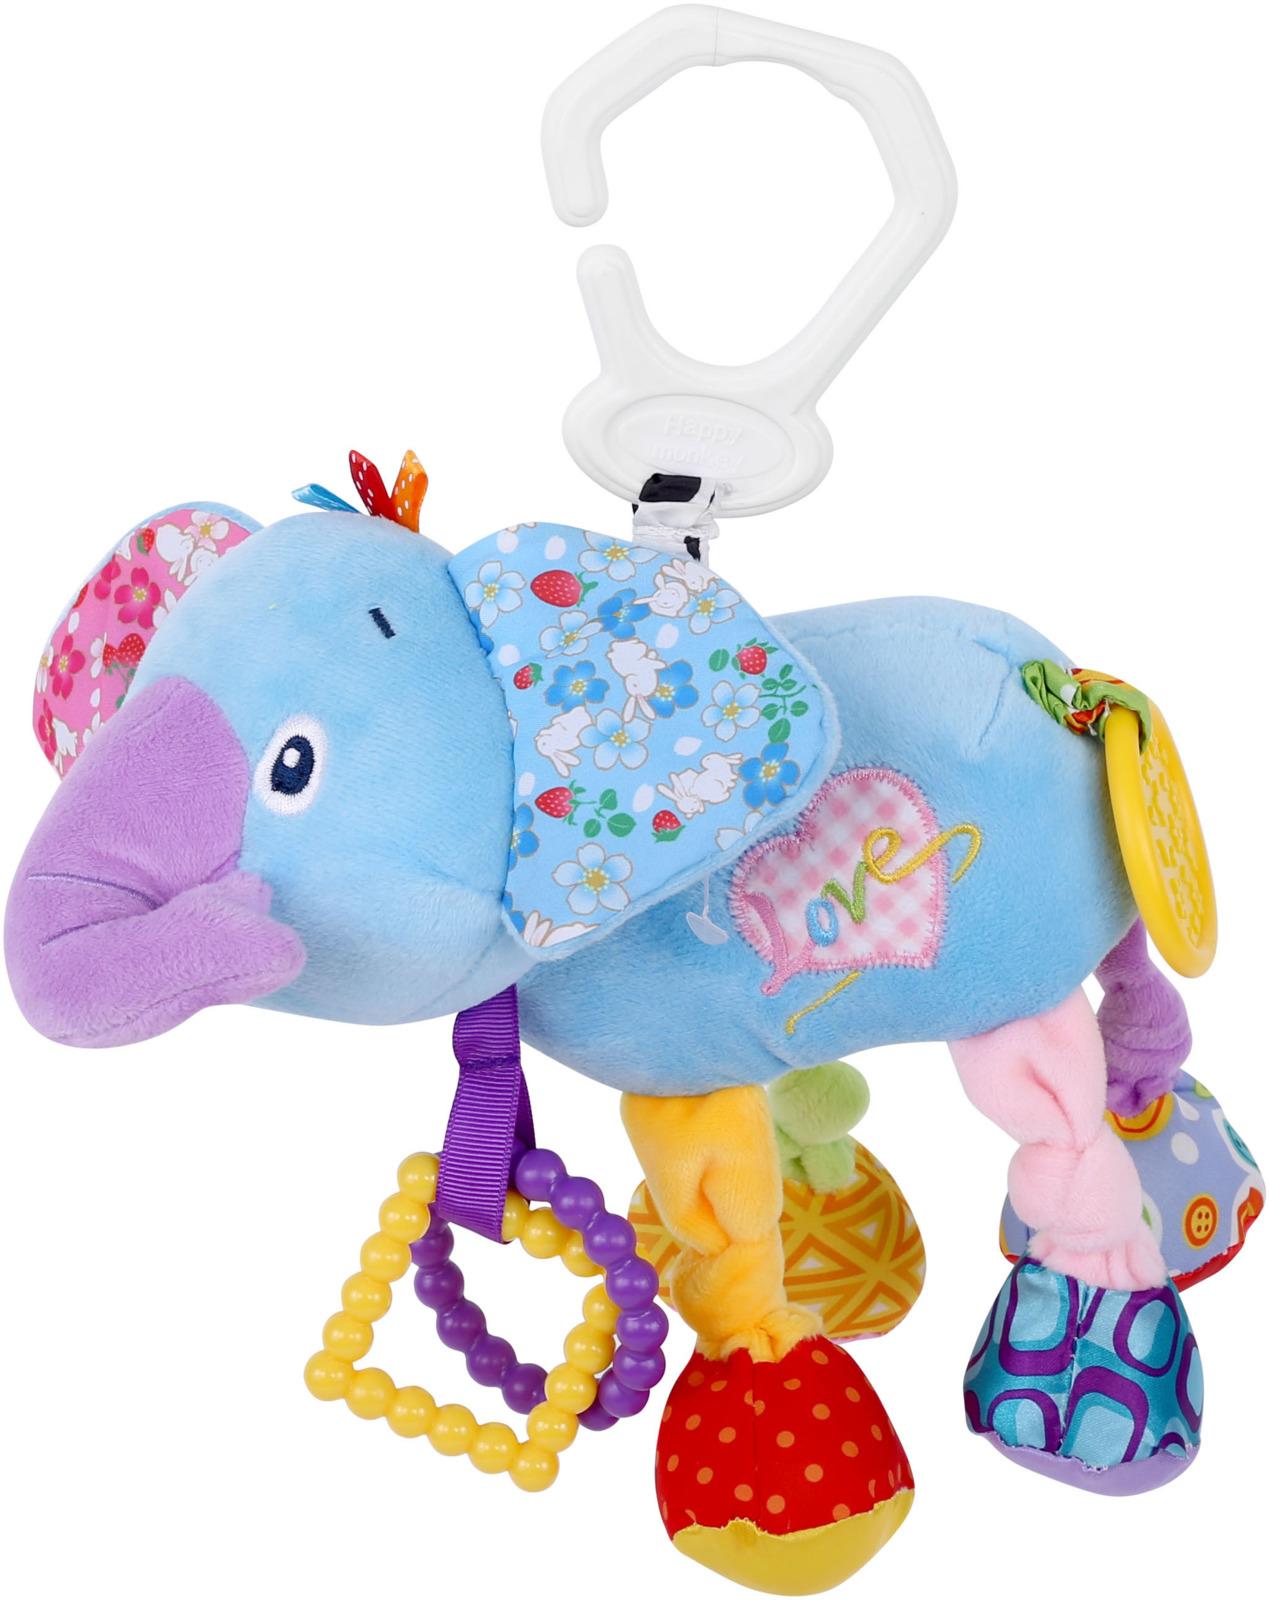 Развивающая игрушка Lorelli Toys Слоник. 1019117 развивающий коврик lorelli toys развивающий коврик lorelli toys с интерактивным столиком 105 х 65 см 1030038